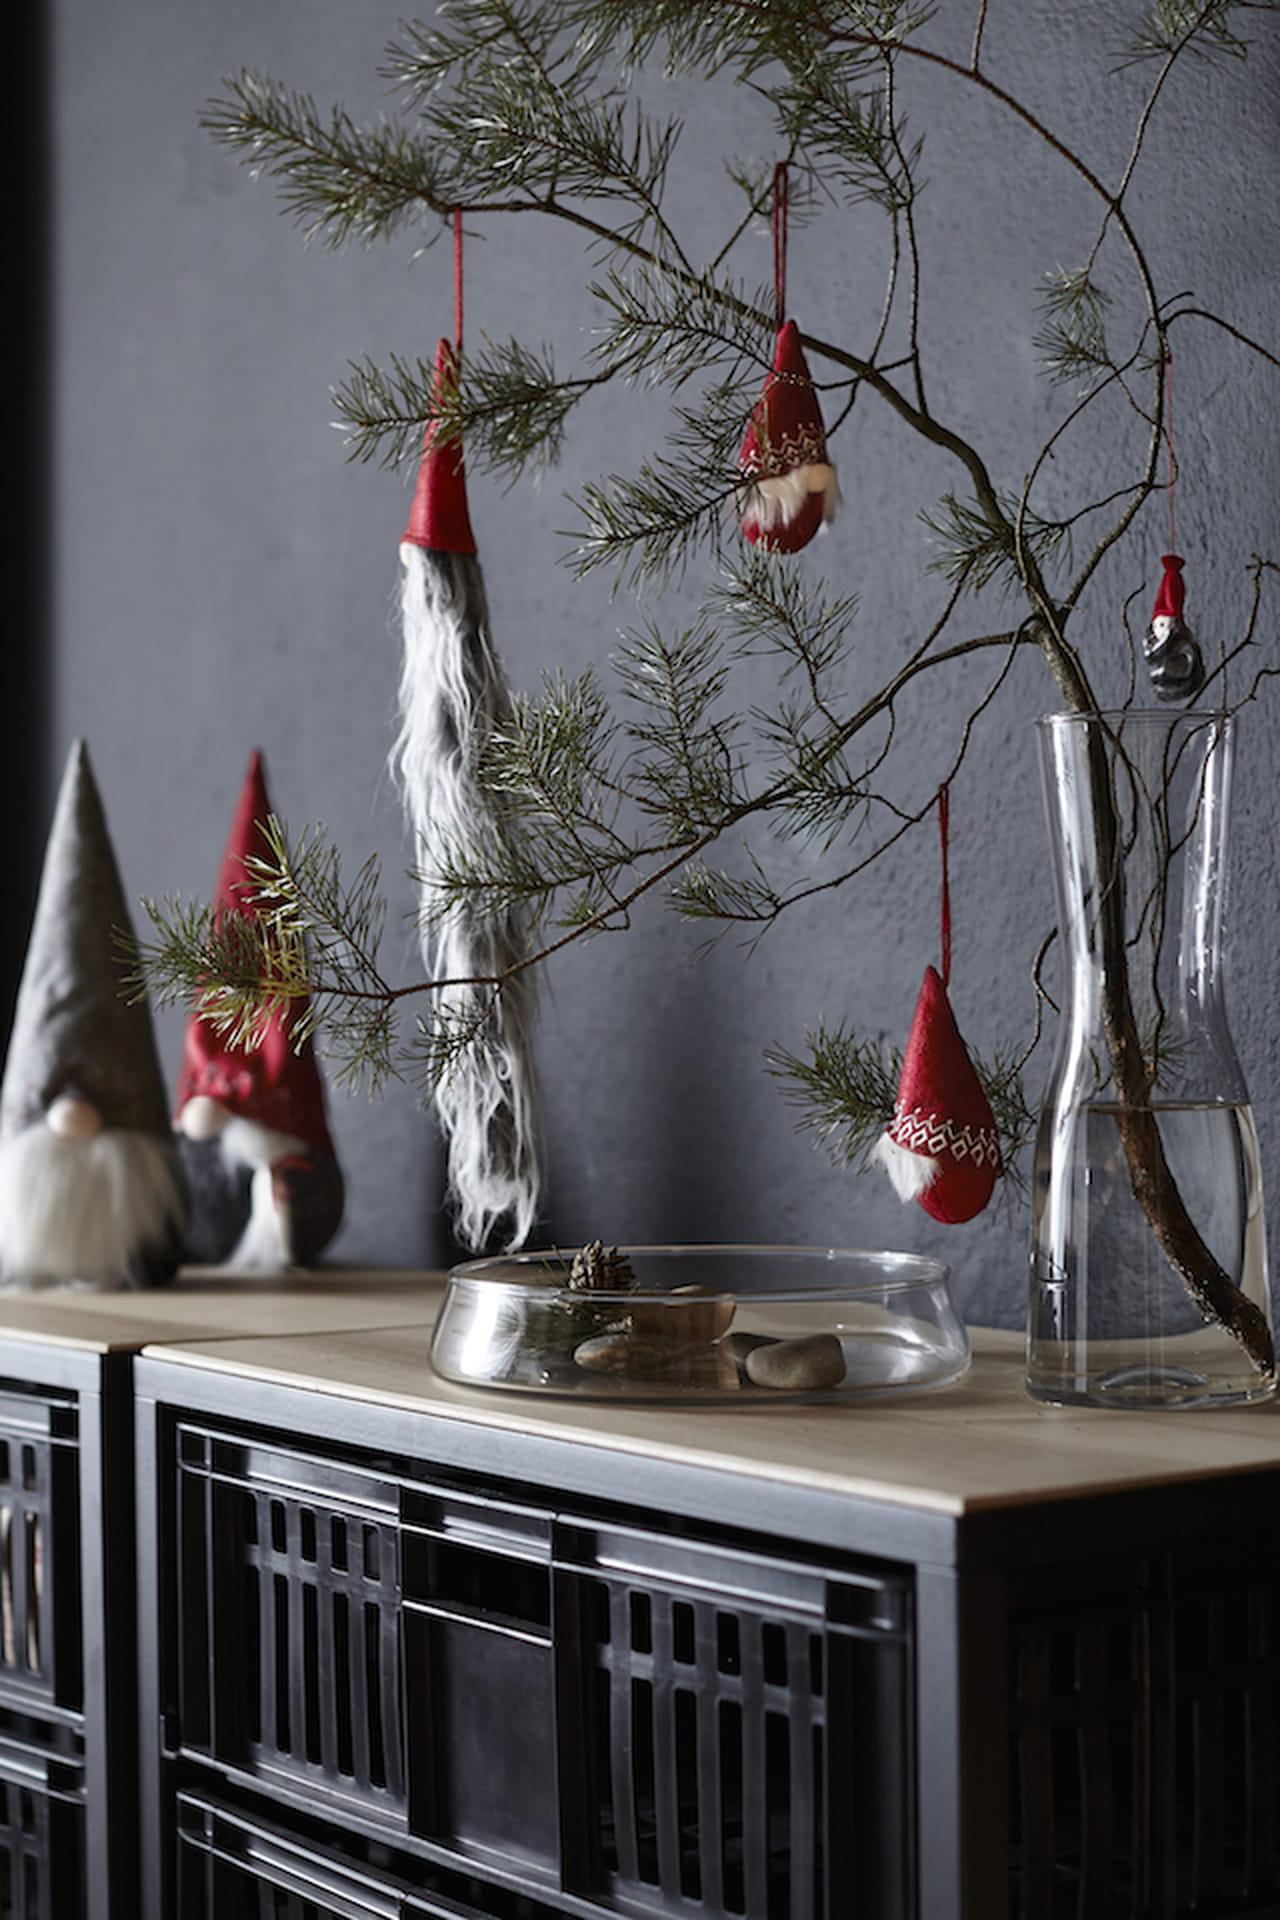 Decorazioni natalizie 2017 ikea presenta la collezione for Ikea decorazioni